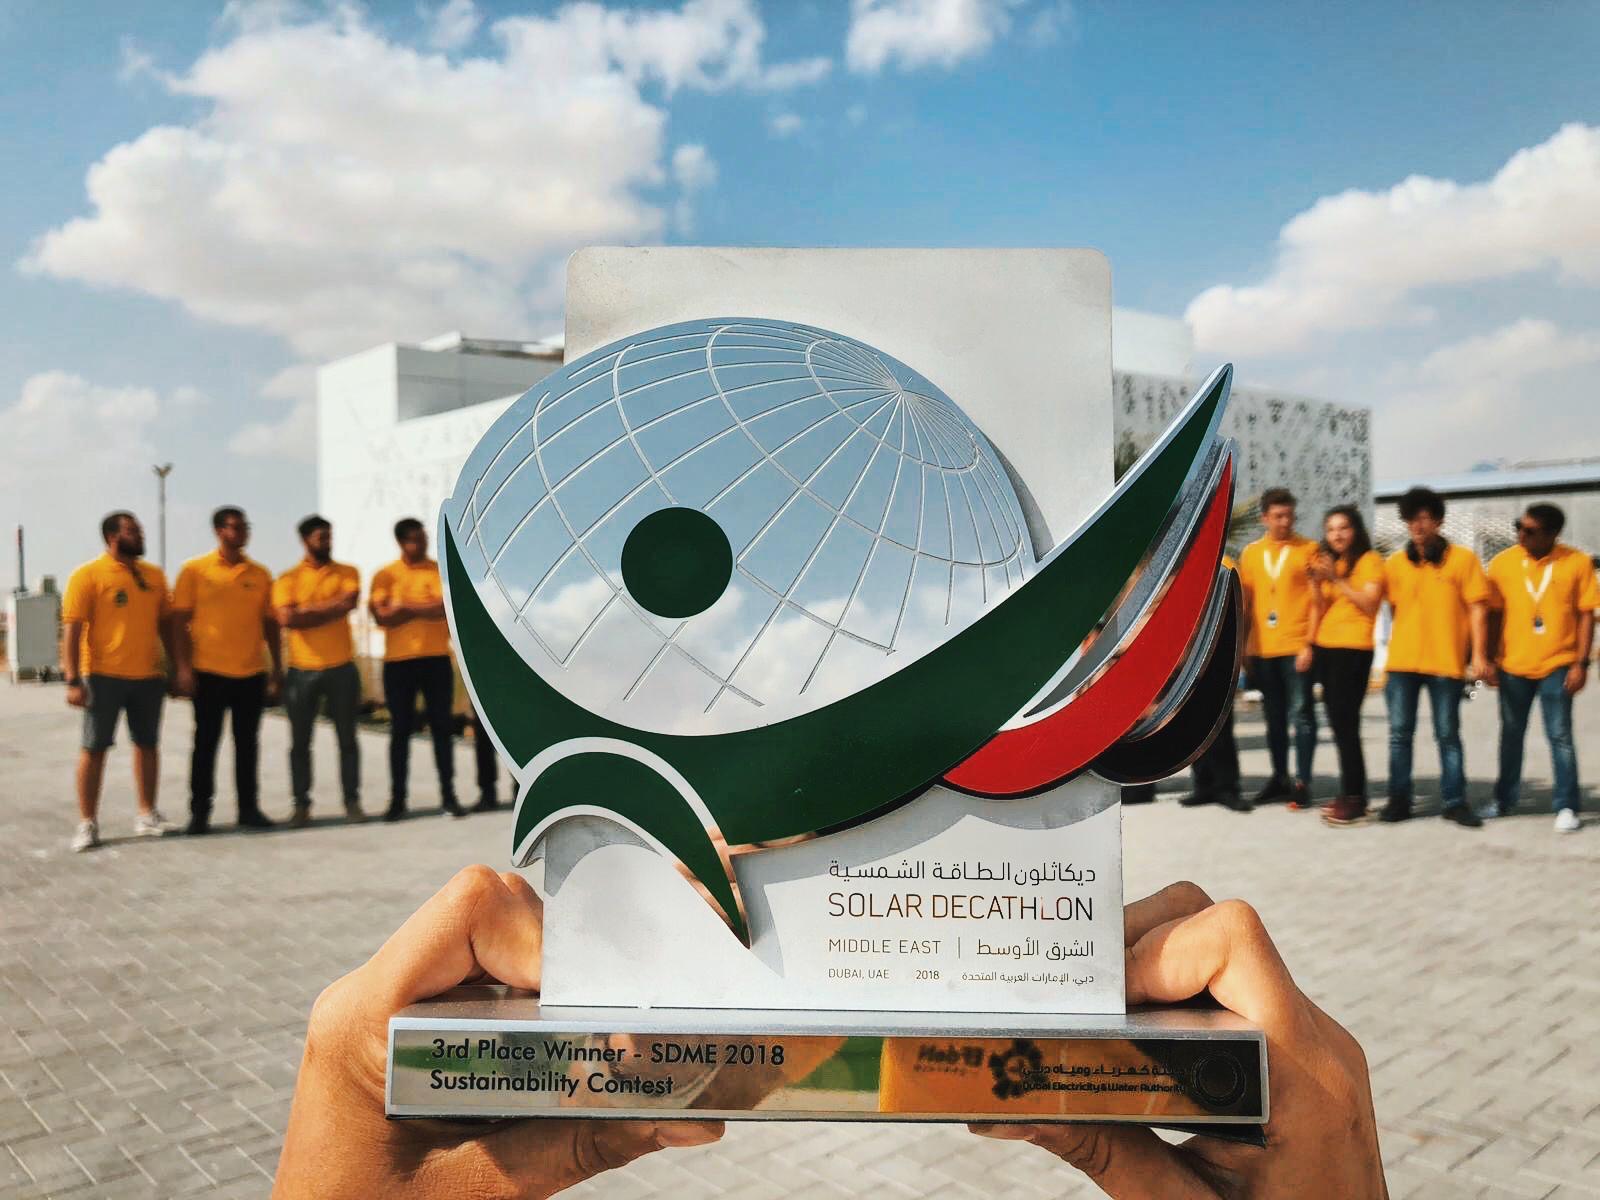 România urcă din nou pe podium la Dubai,  la olimpiada caselor solare